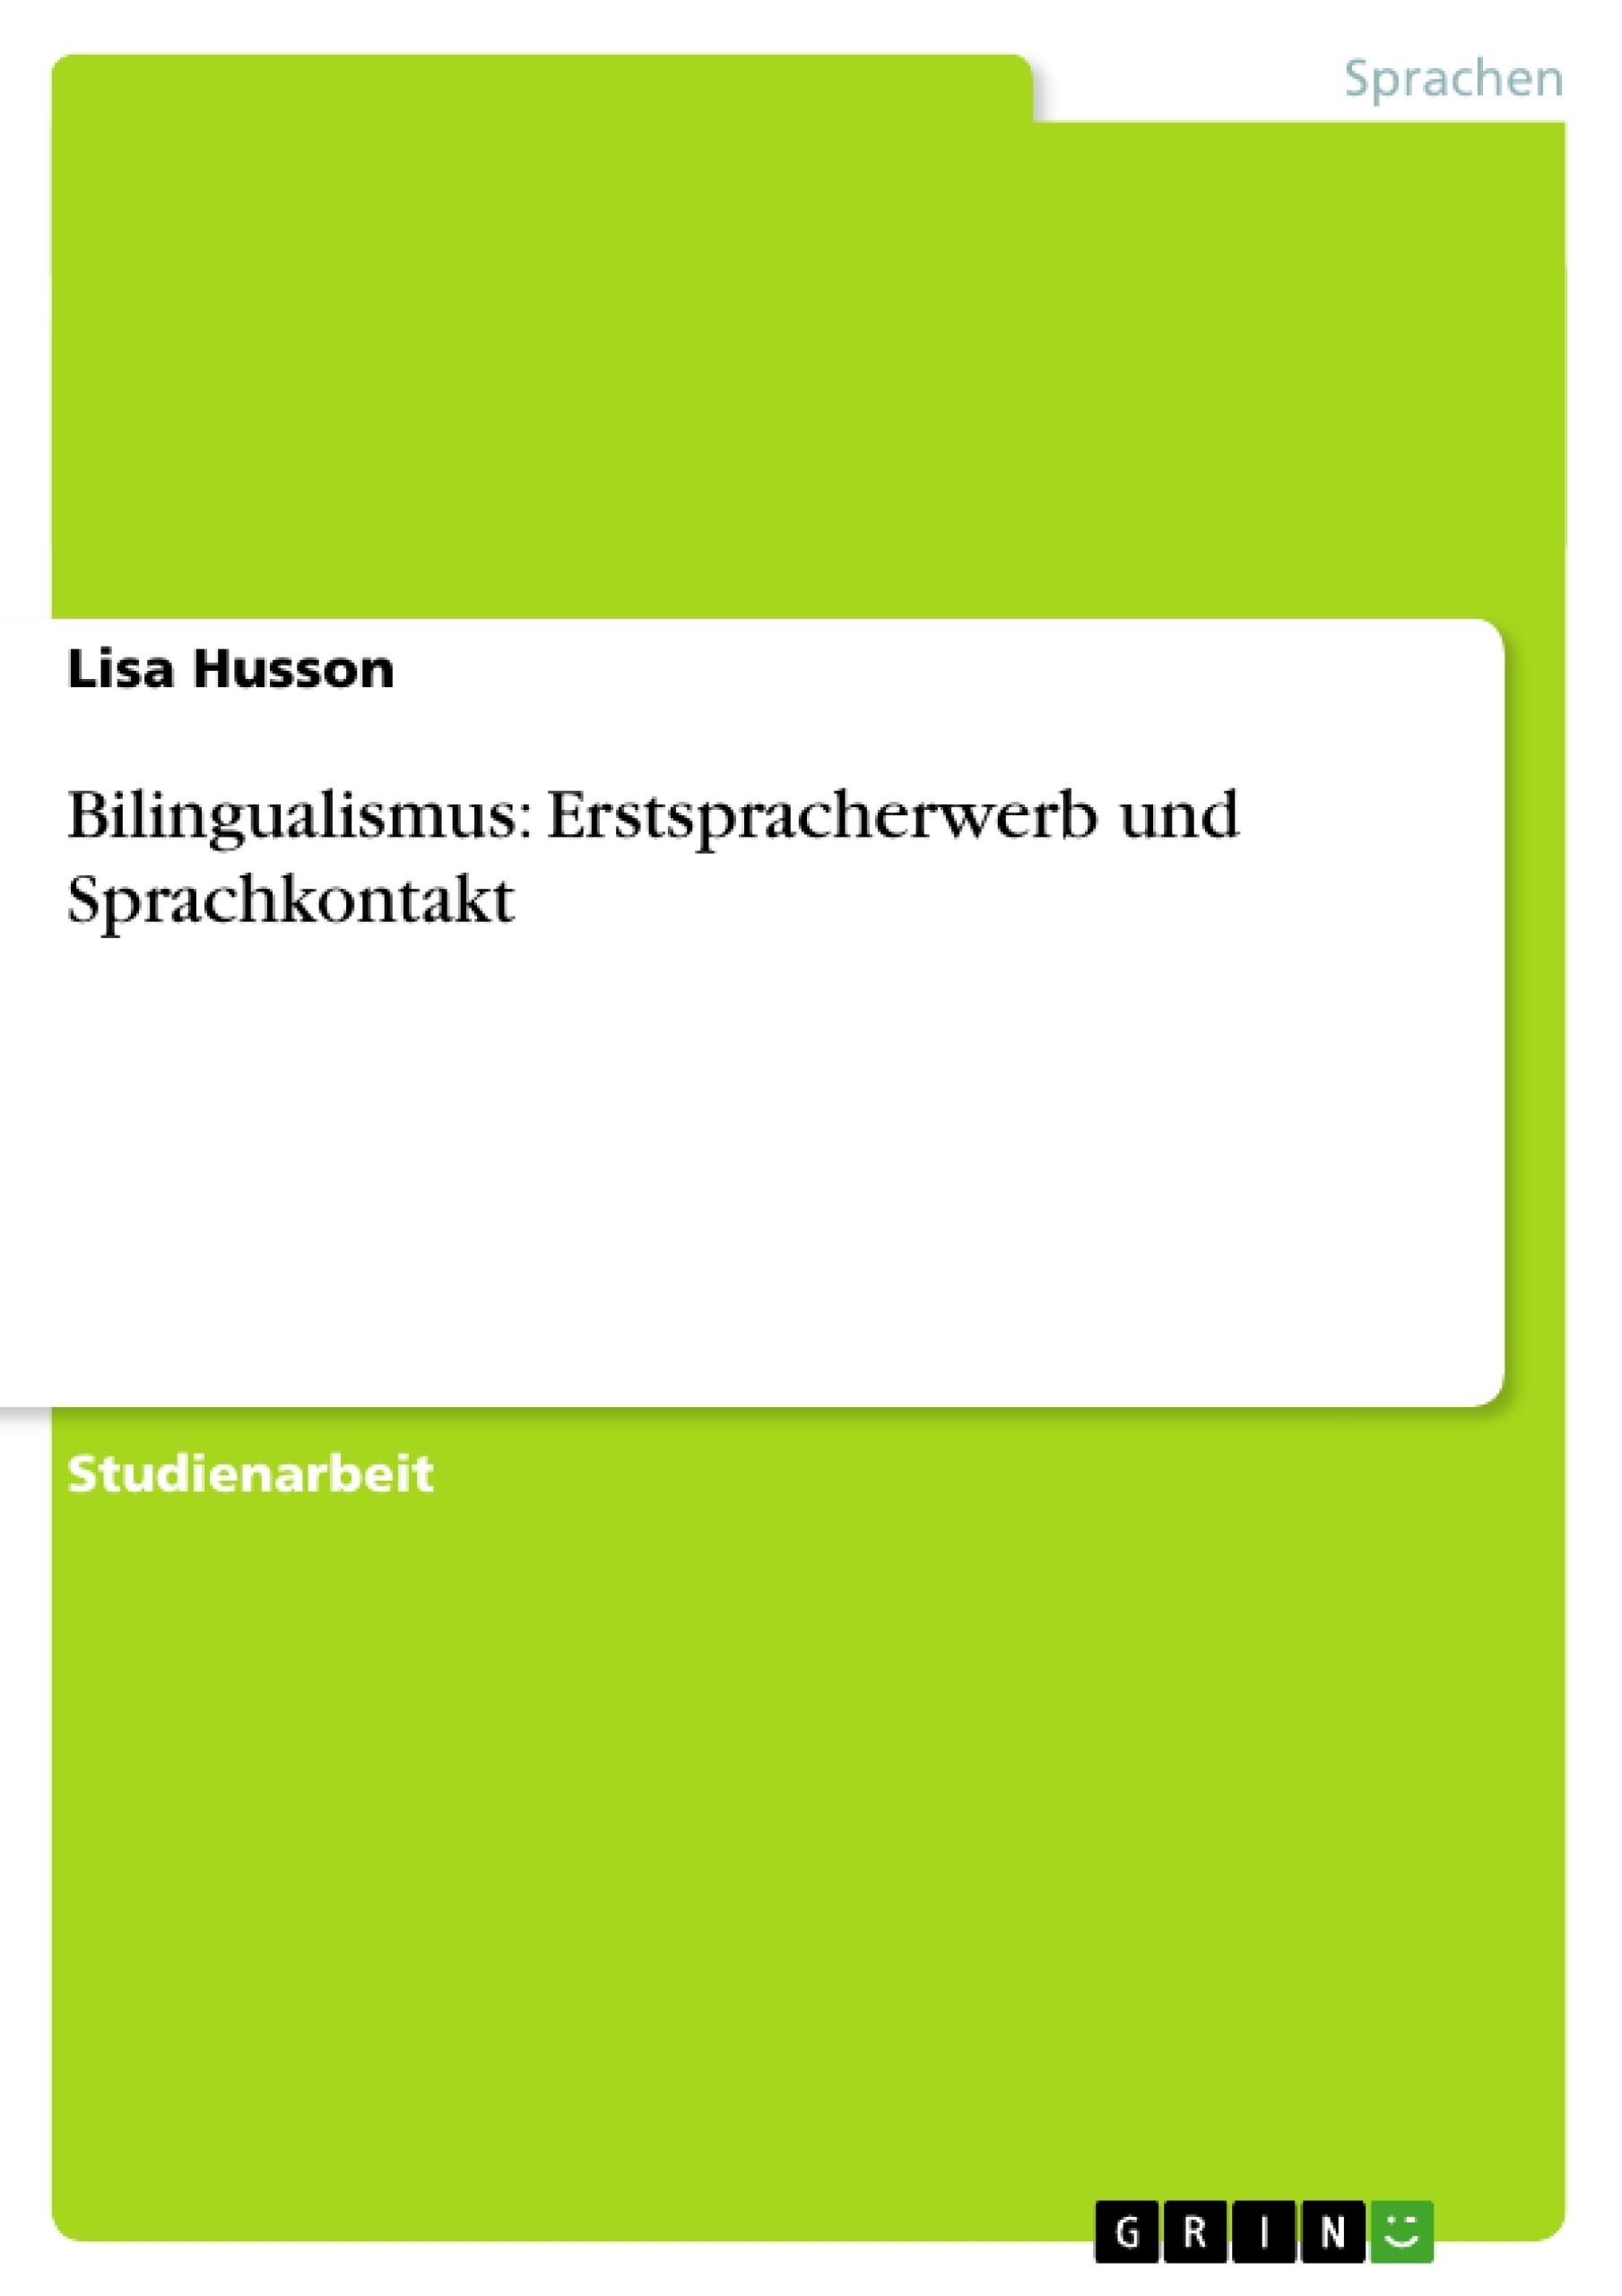 Titel: Bilingualismus: Erstspracherwerb und Sprachkontakt